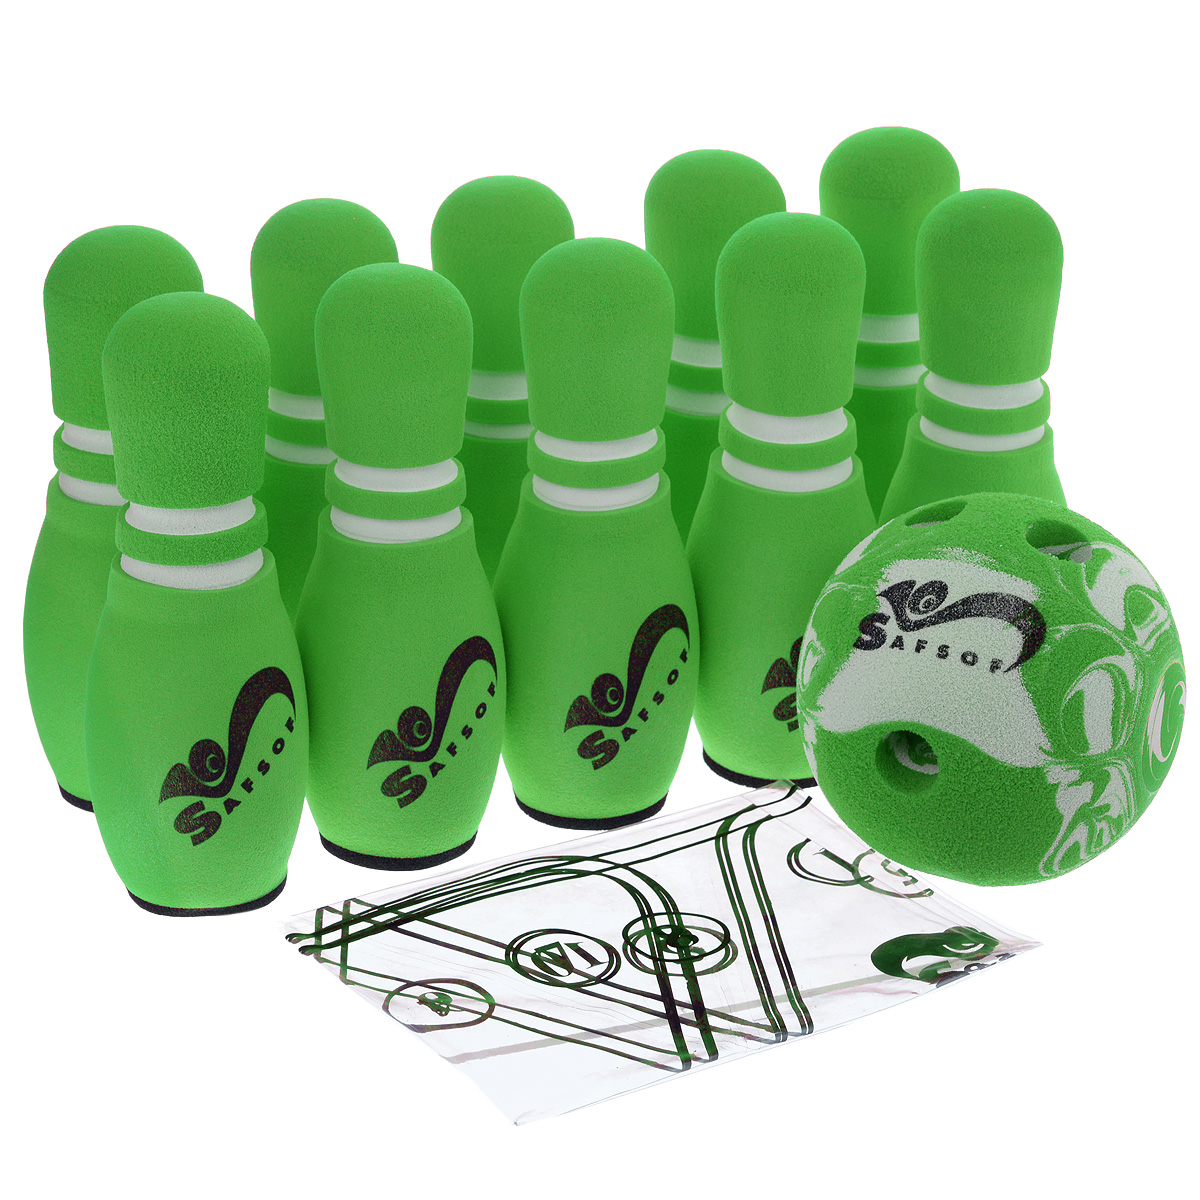 Игровой набор Safsof  Боулинг , цвет: белый, зеленый, диаметр шара 12 см - Игры на открытом воздухе